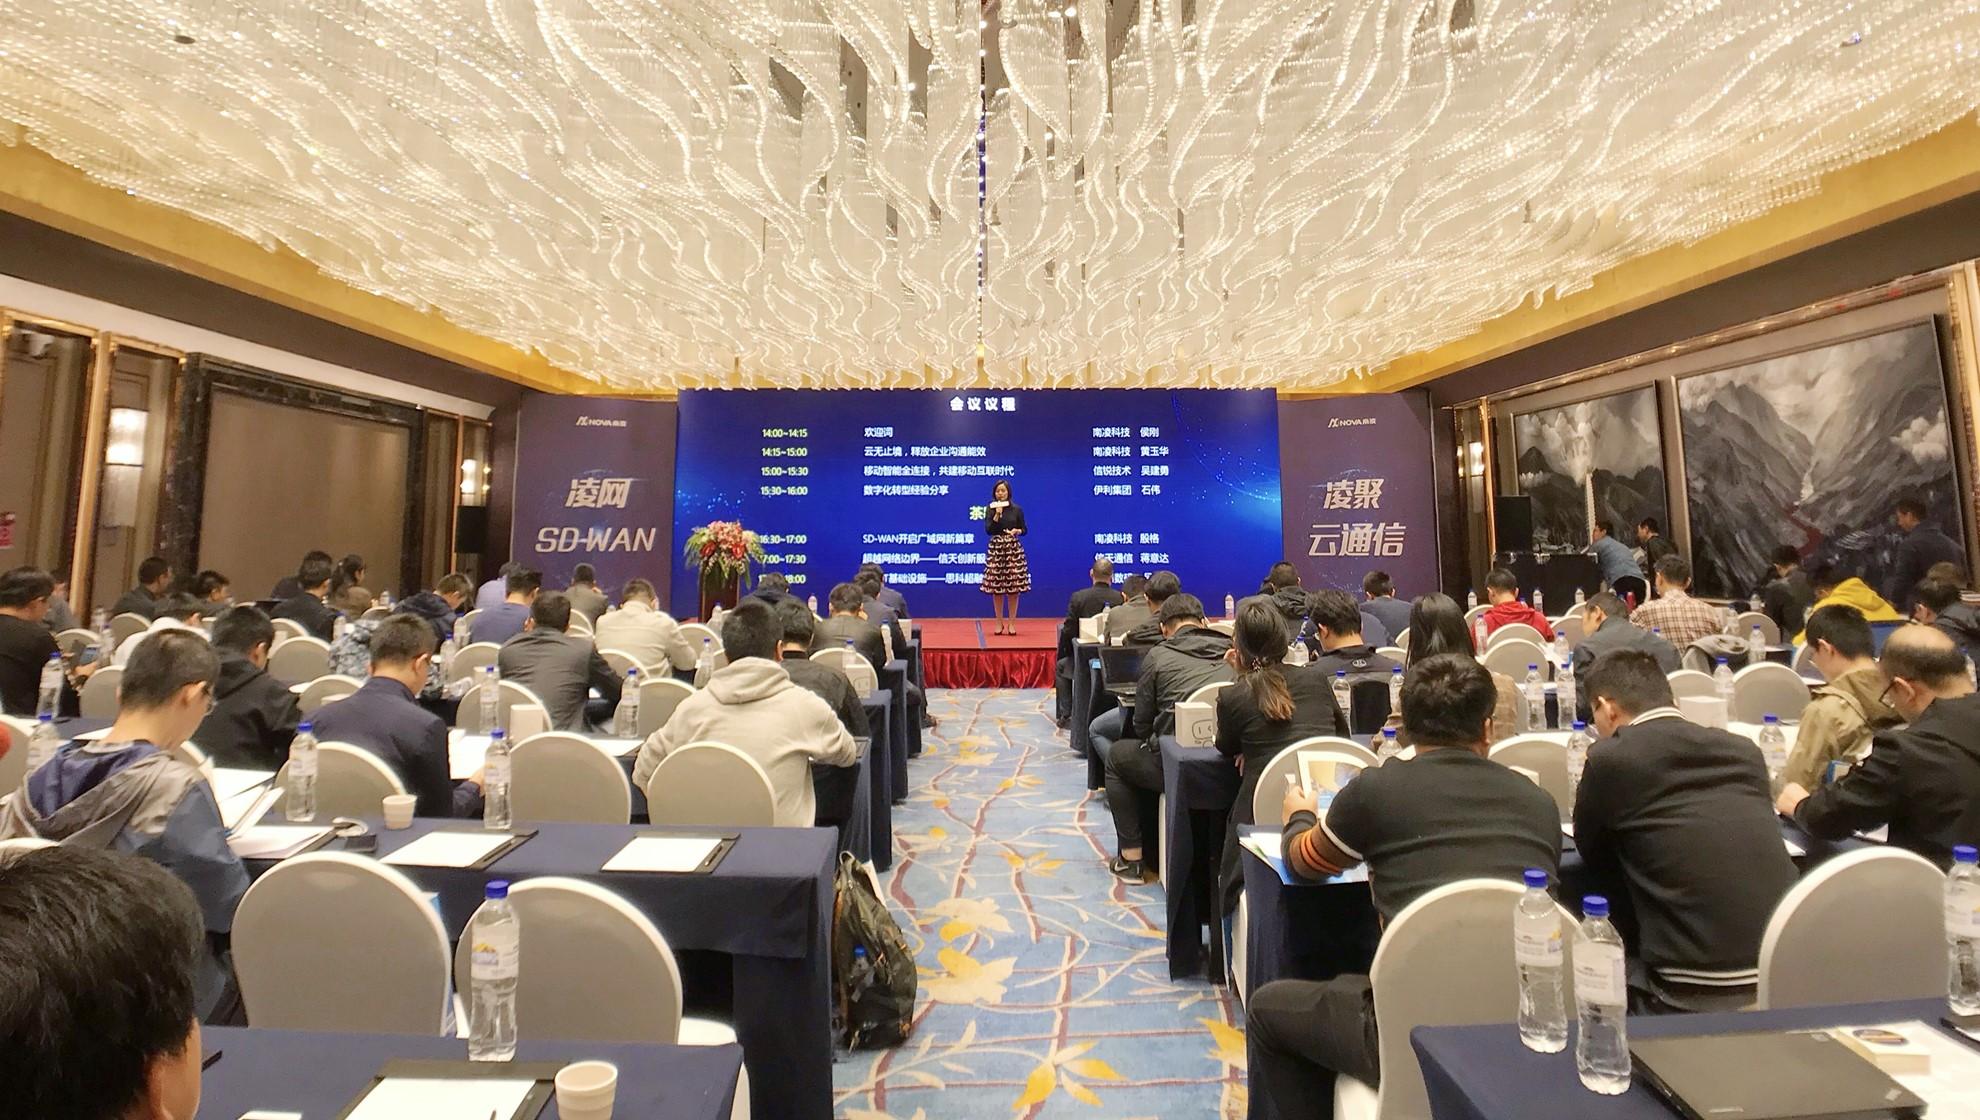 2018年南凌科技VIP客户研讨会圆满结束